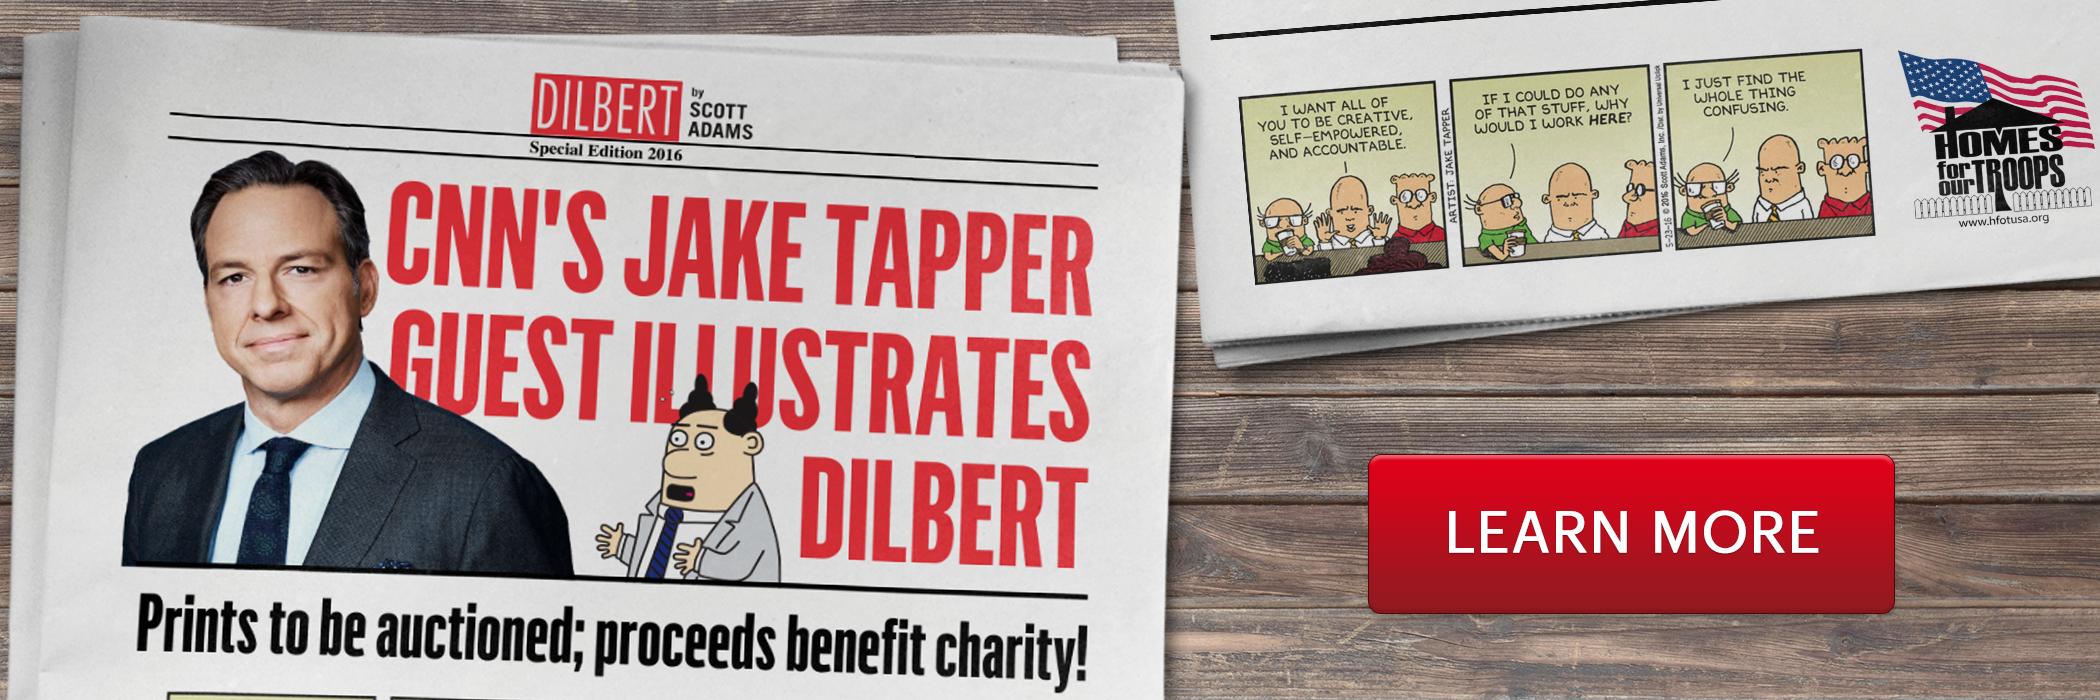 CNN's Jake Tapper Guest Illustrates Dilbert